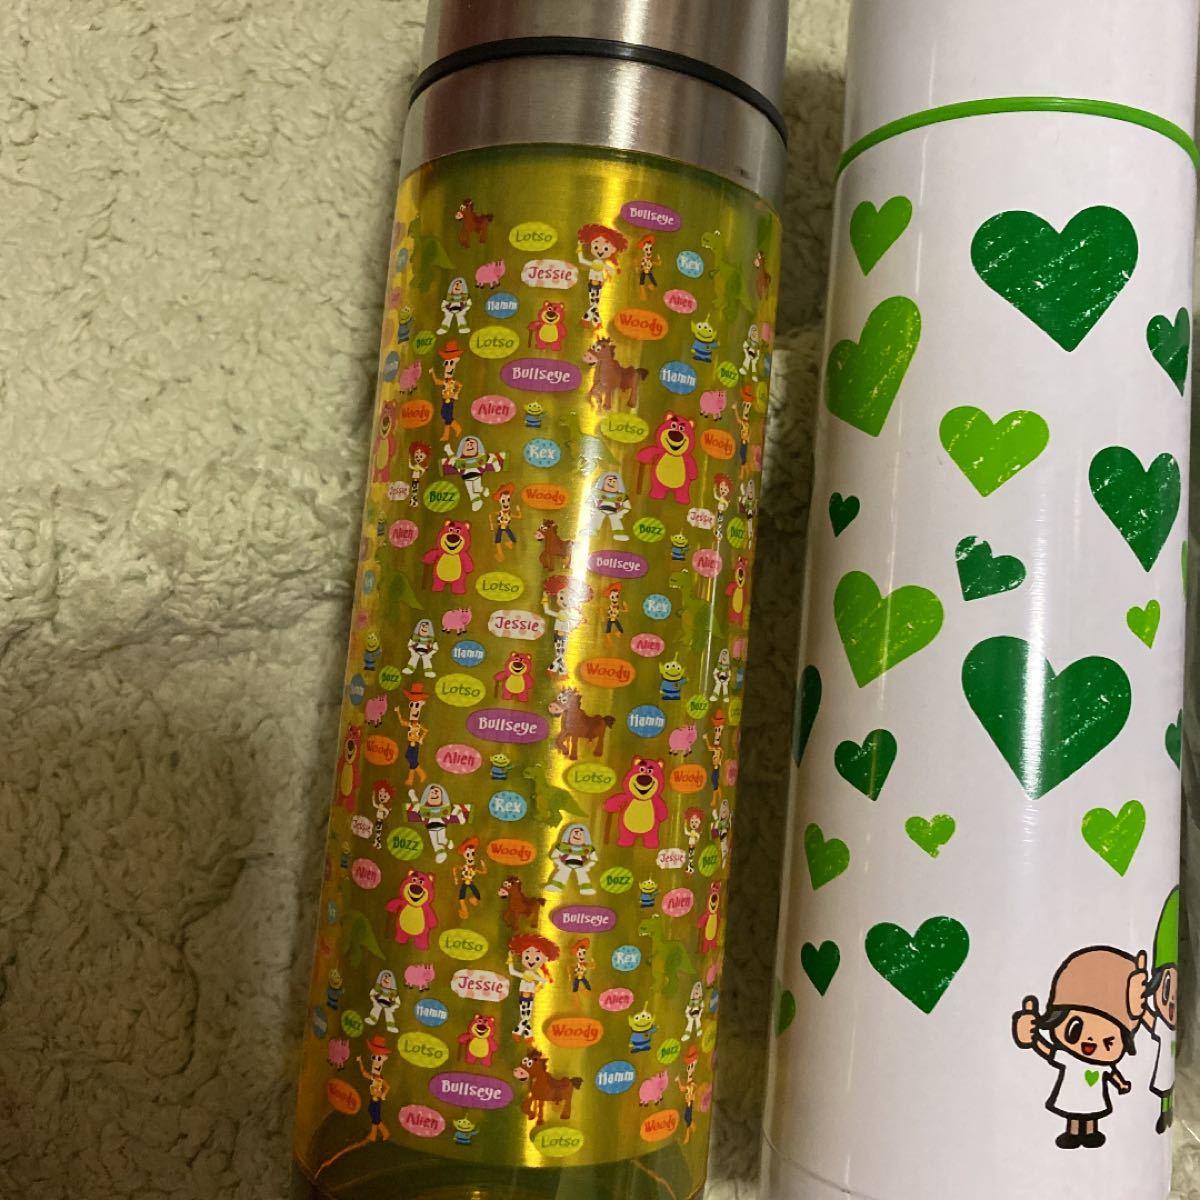 ステンレスボトル 水筒 マイボトル グリーンダカラ トイストーリー 非売品 限定